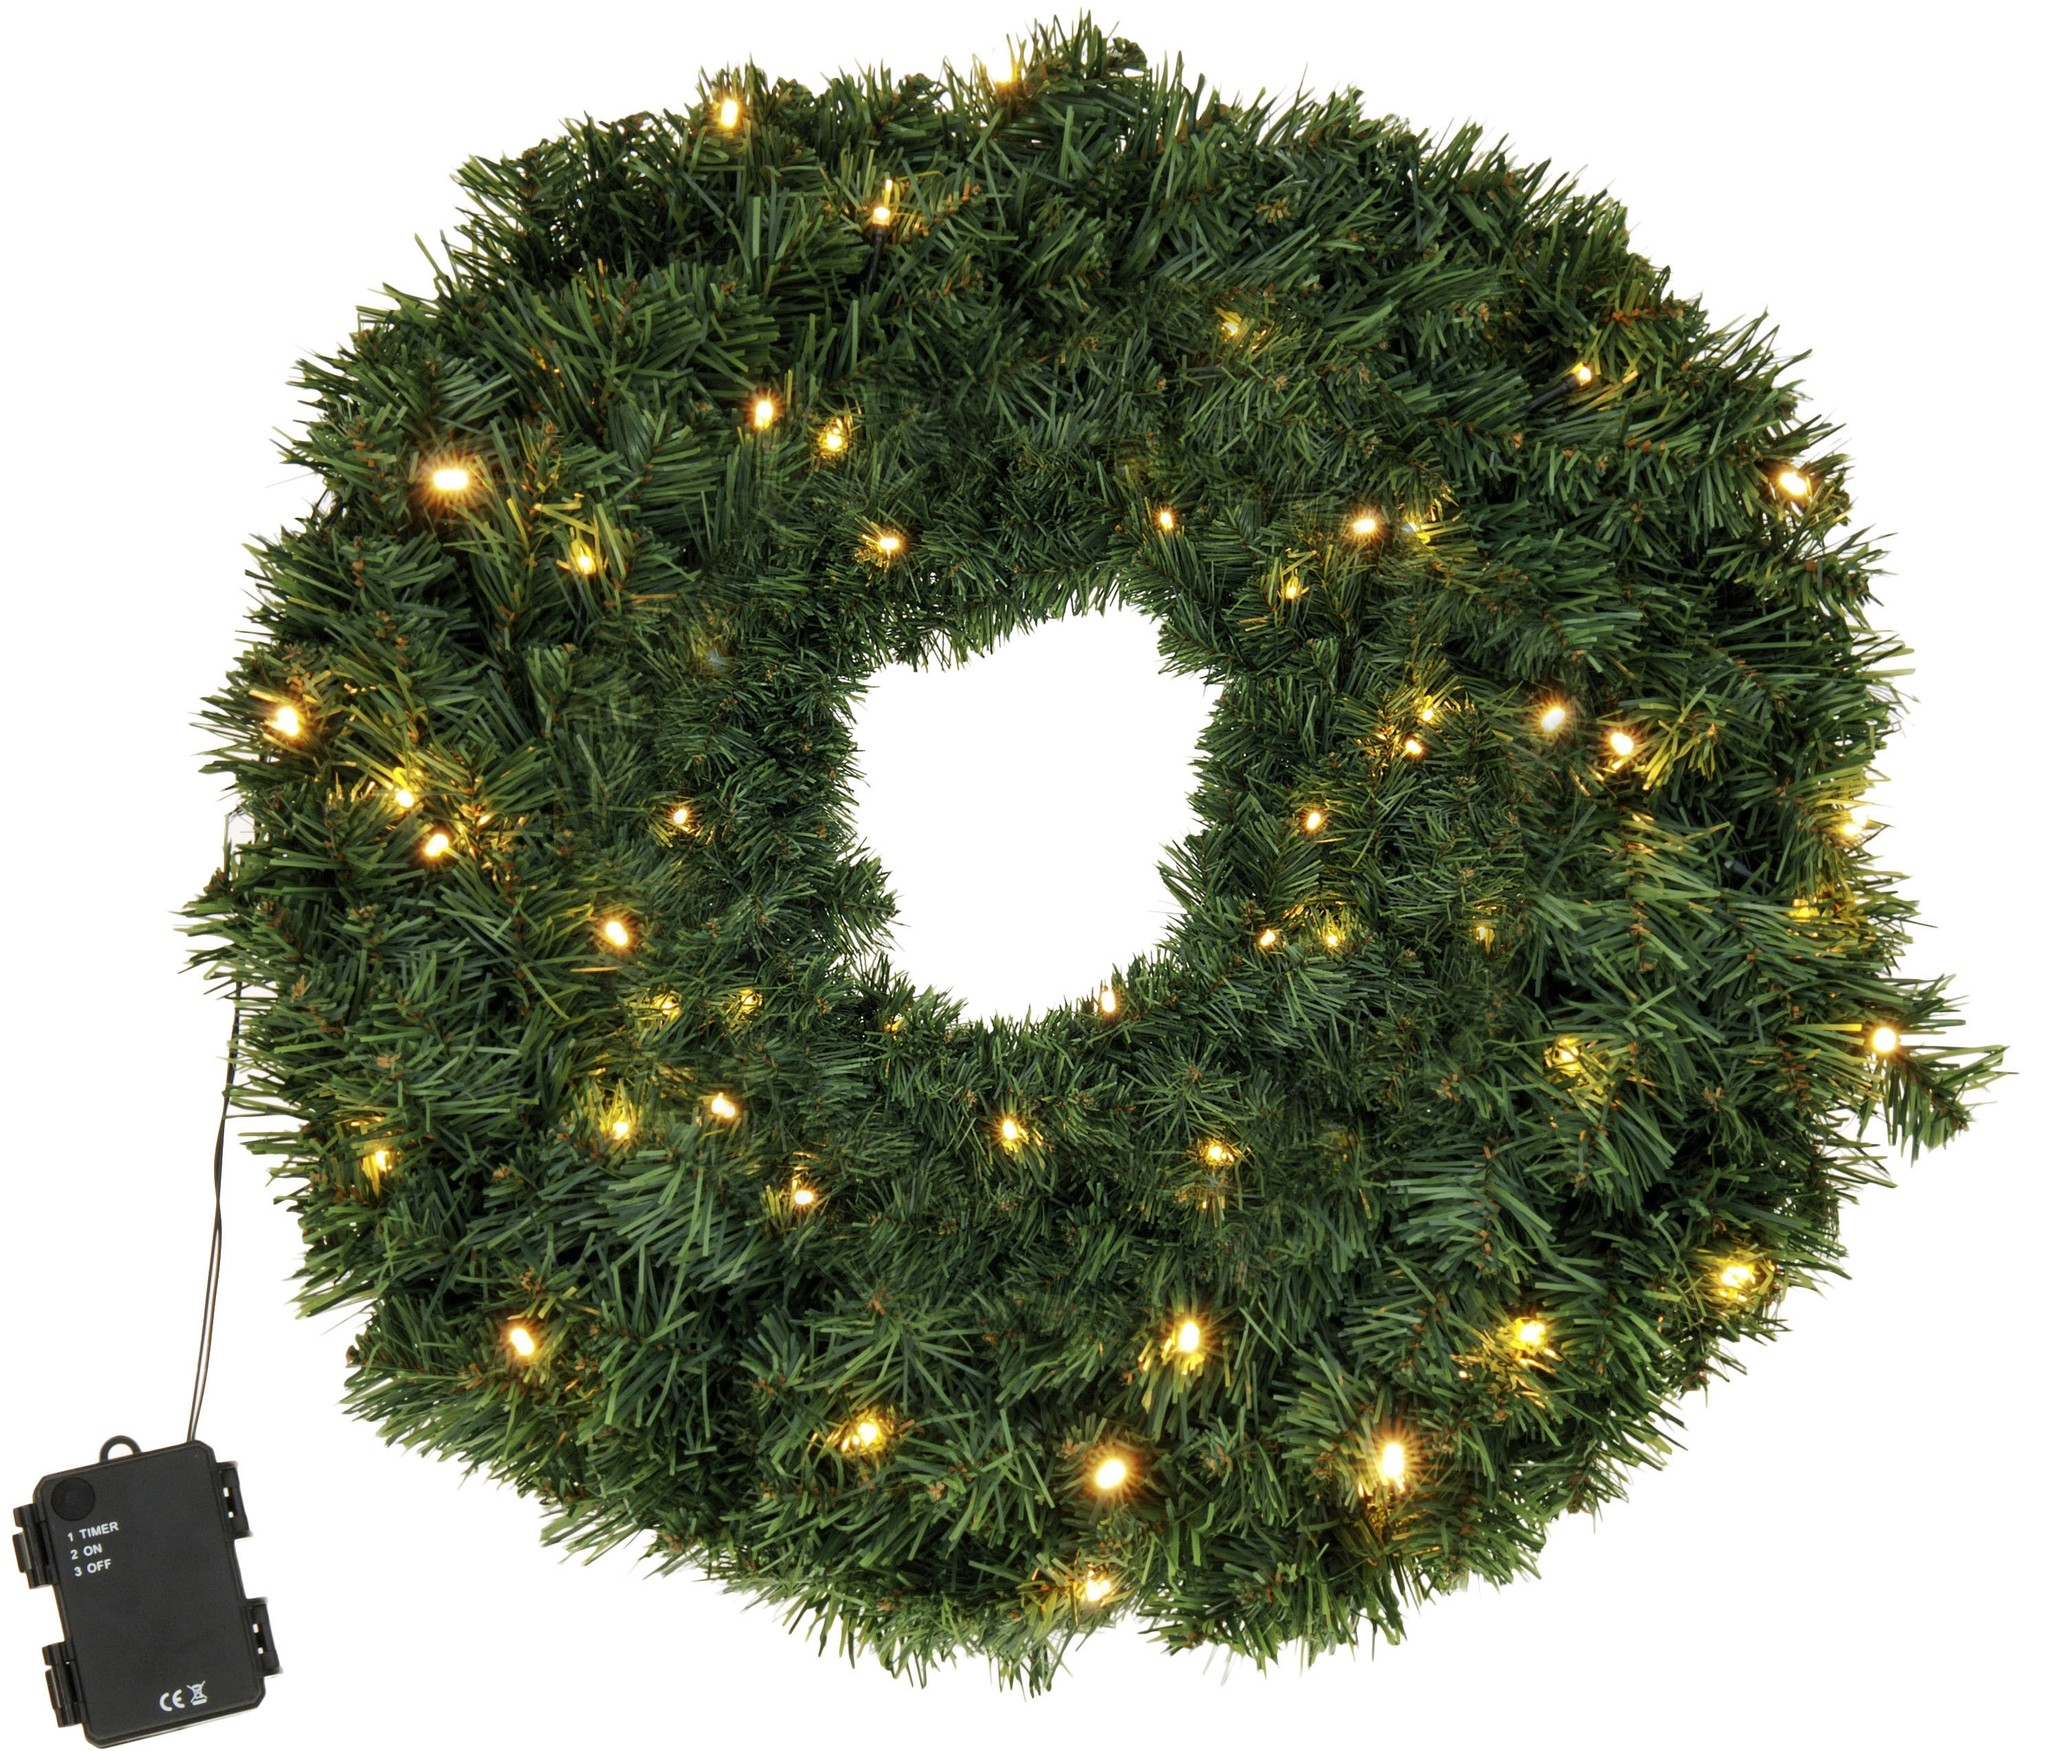 Kerstkrans met LED verlichting 60 cm